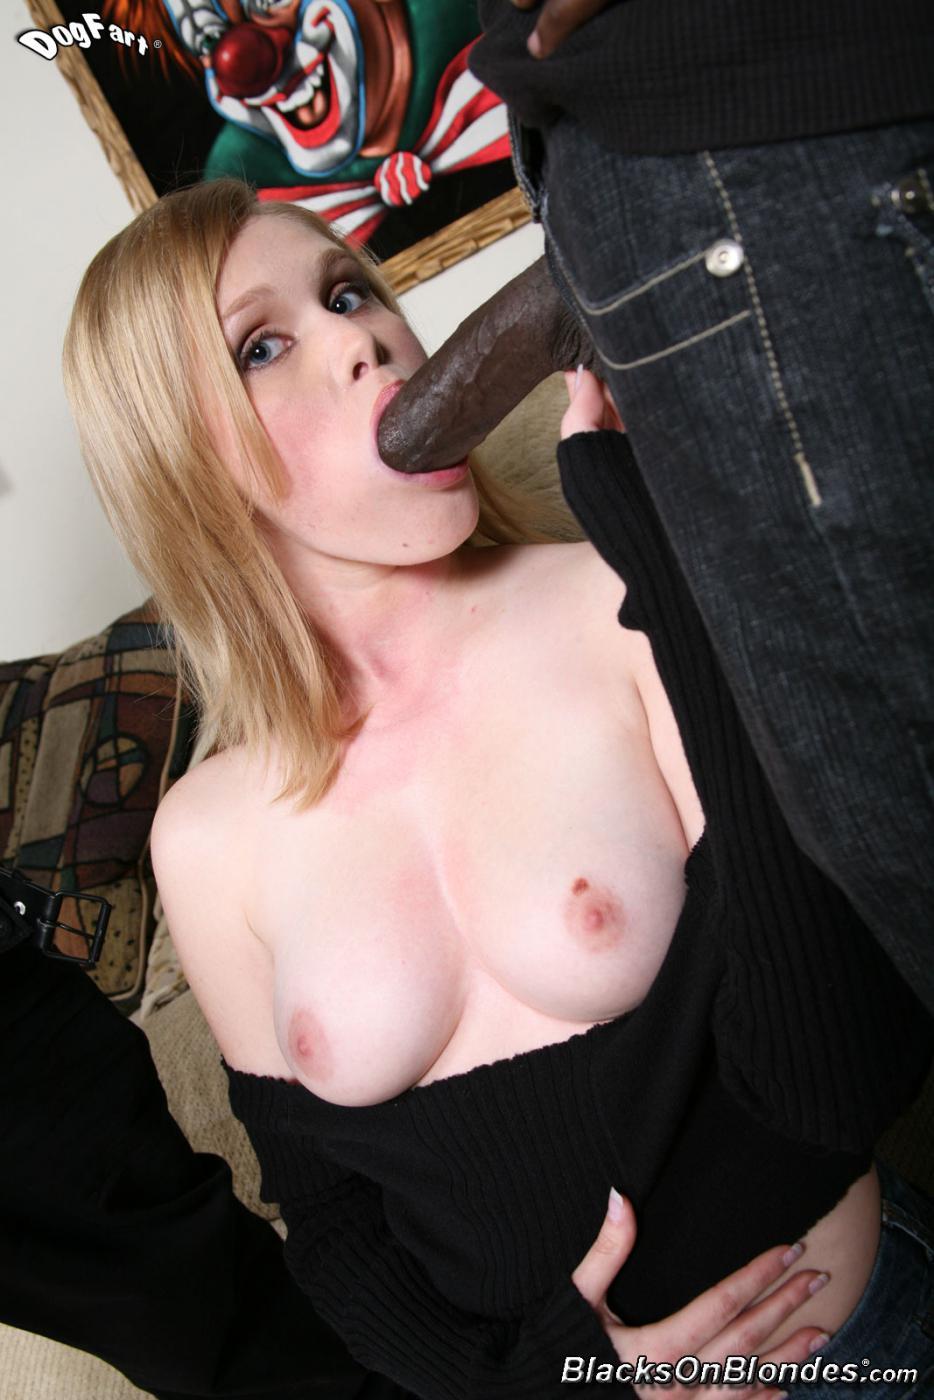 После жесткого порева и орального секса, все лицо Sindee Shay покрыли кончёй